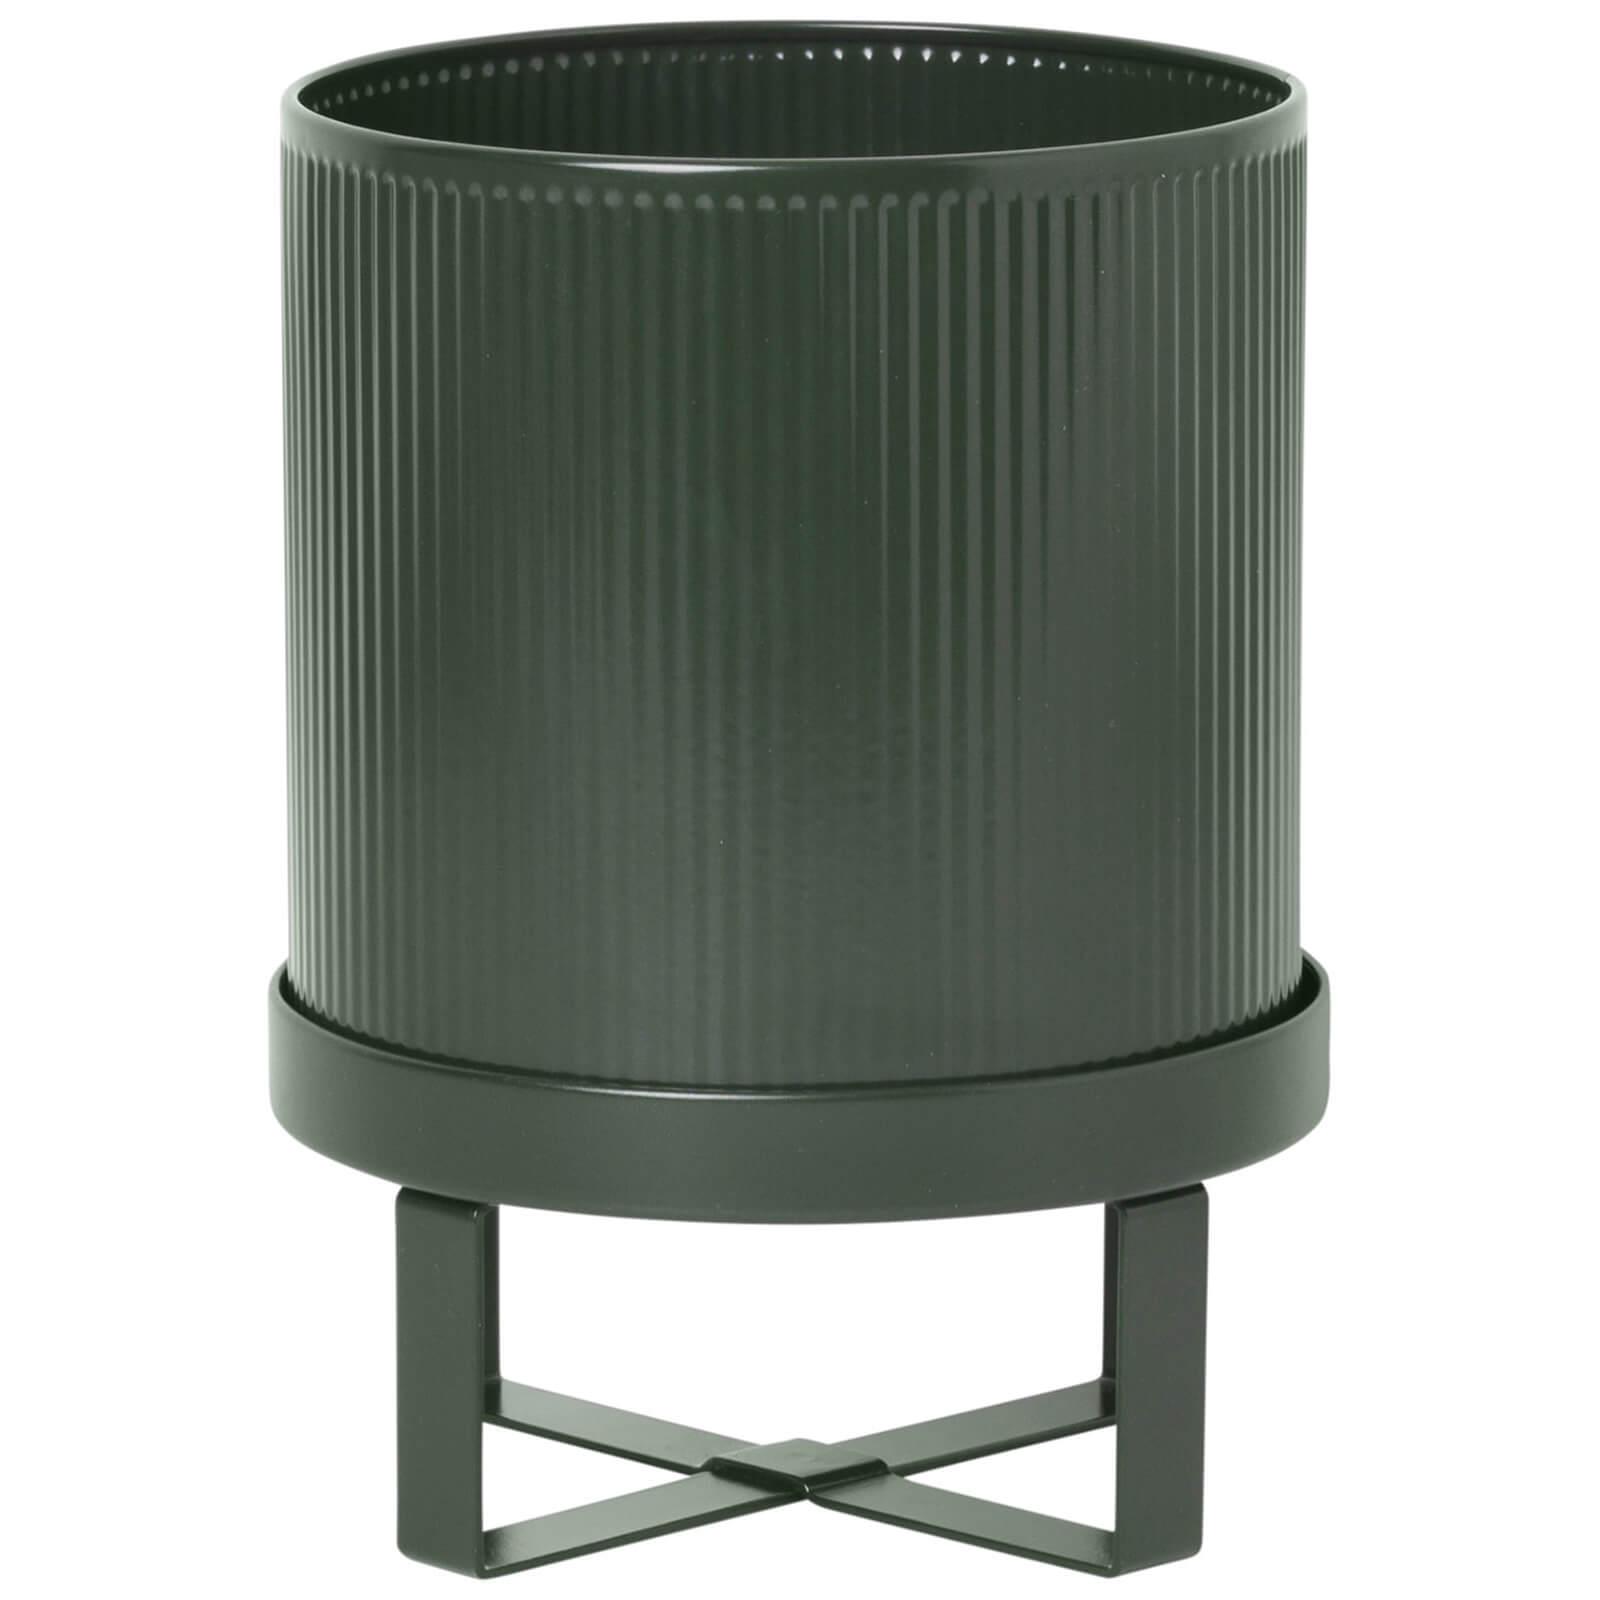 Ferm Living Bau Pot - Small - Dark Green